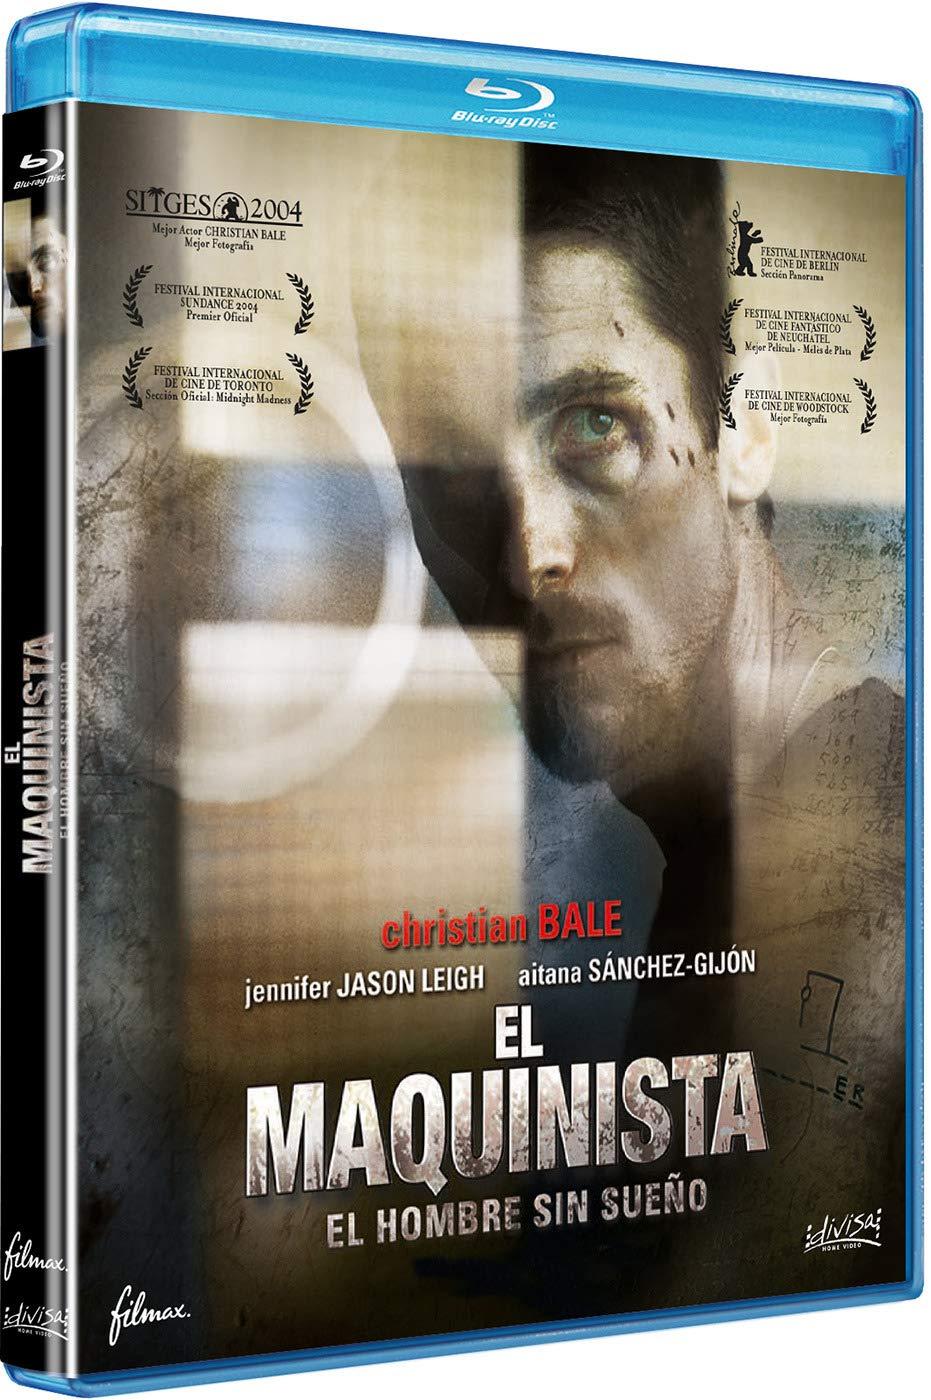 El Maquinista - El hombre sin sueño [Blu-ray]